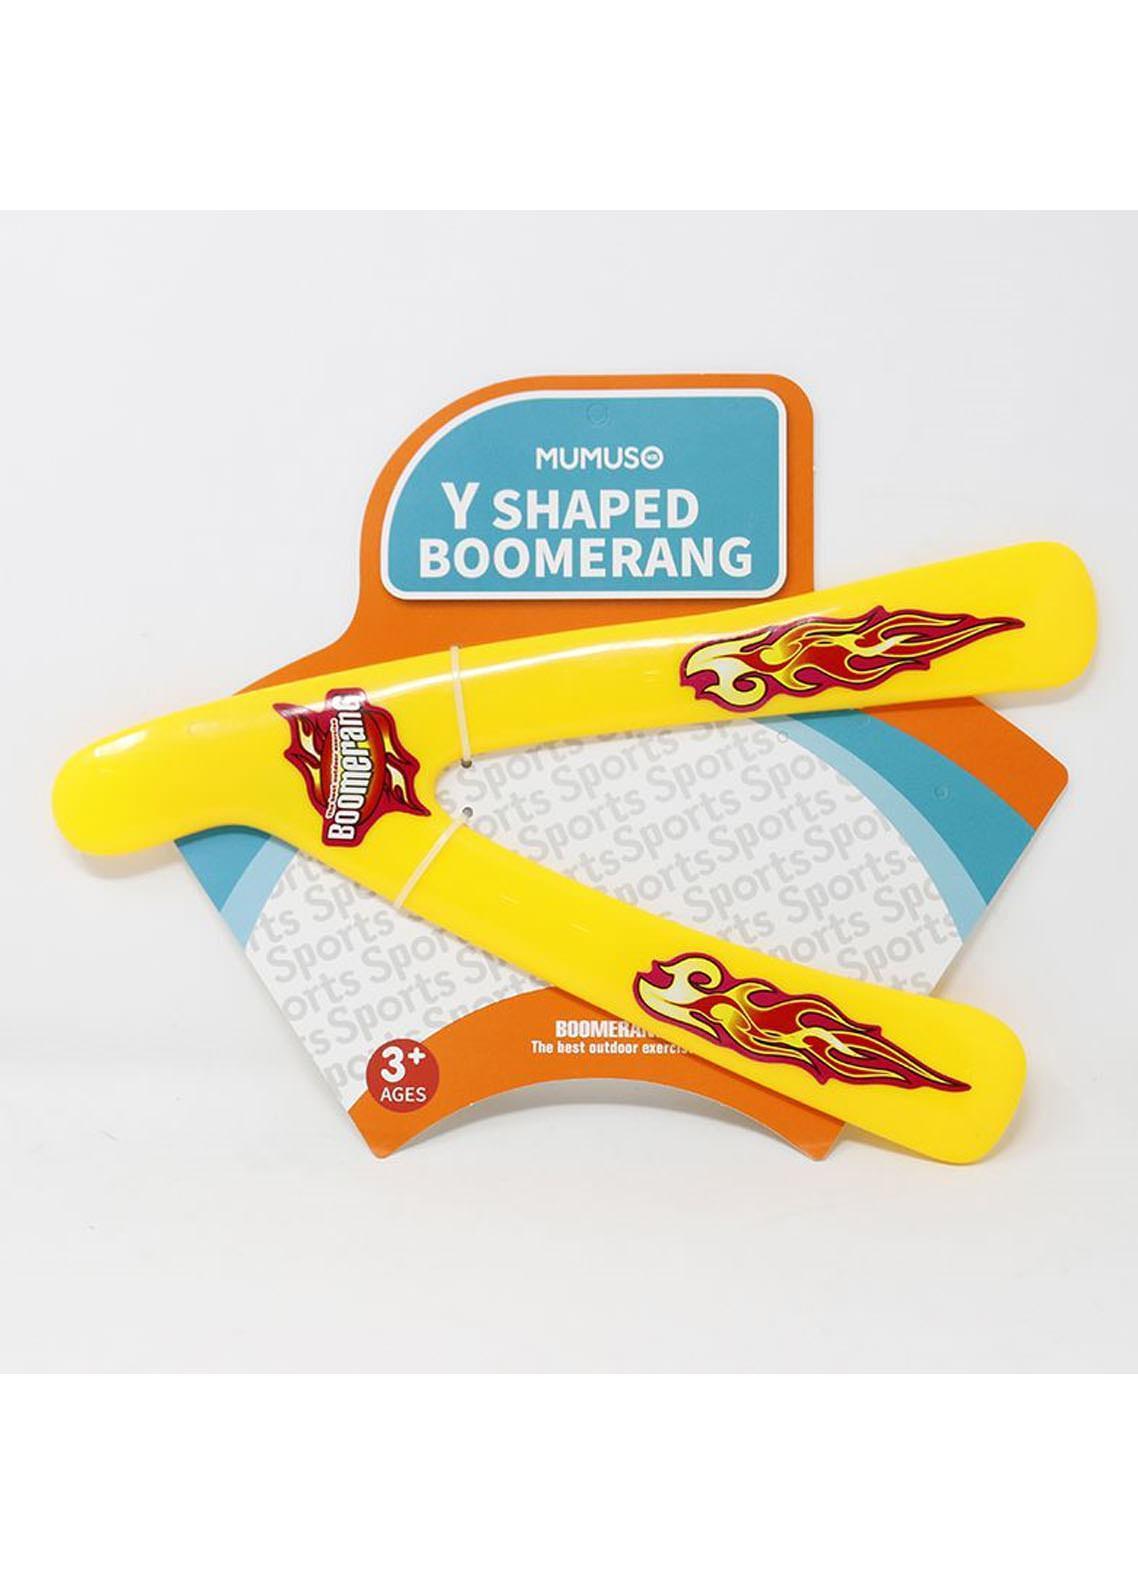 Mumuso Y Shaped Boomerang